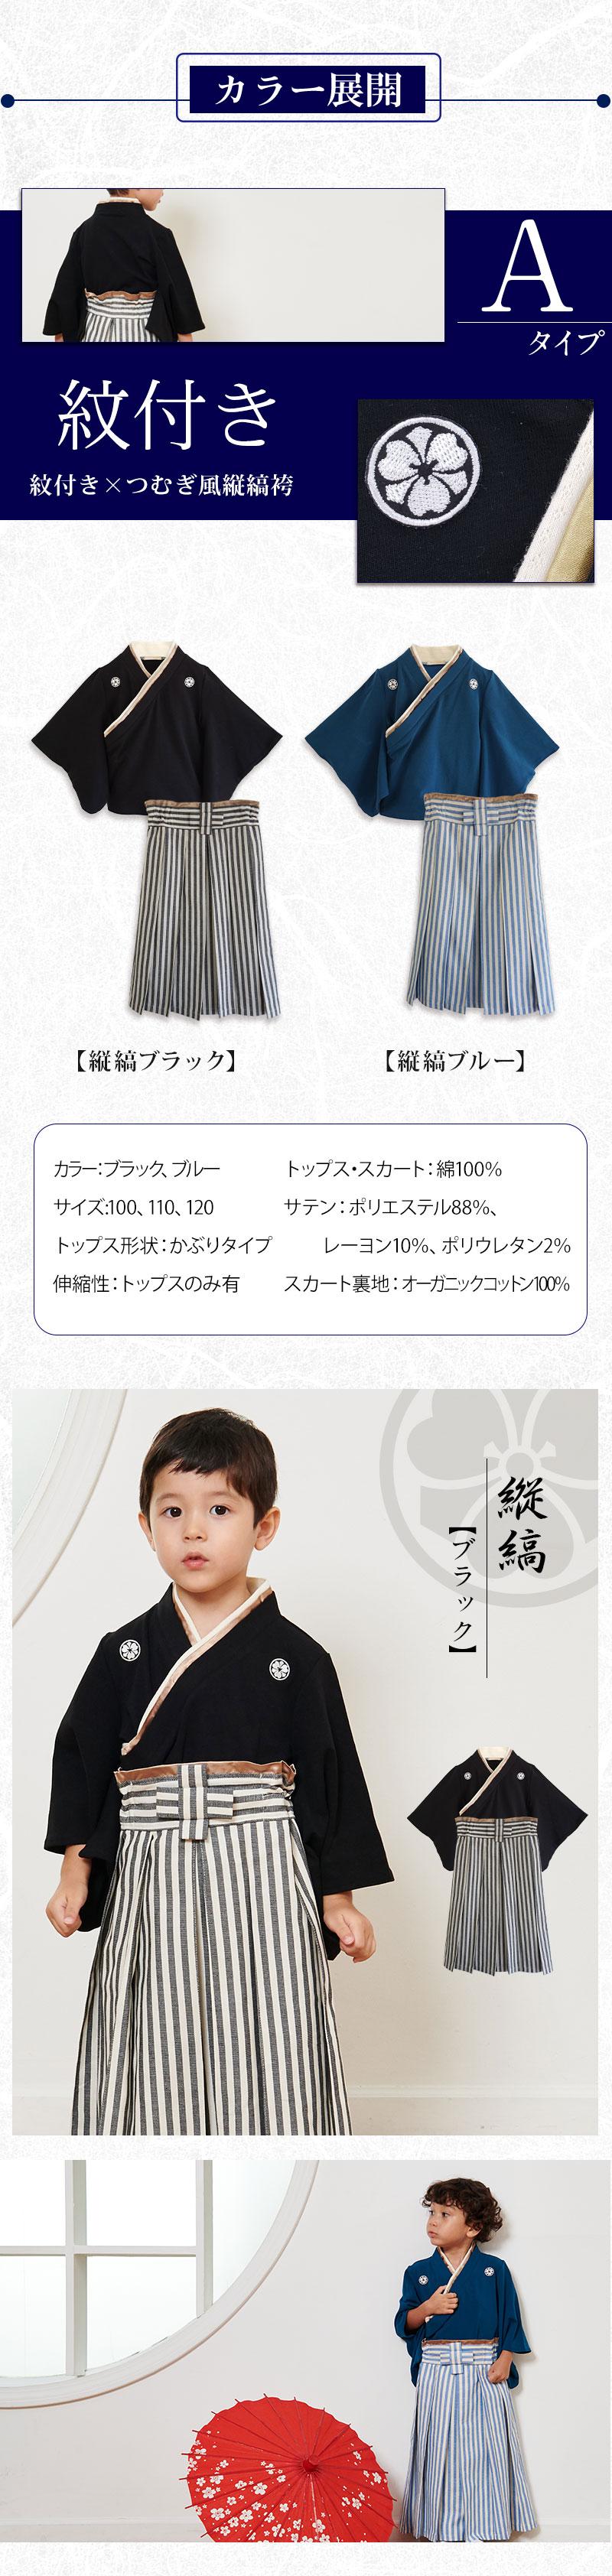 リンクコーデ 双子コーデ お揃い 家紋付き 本格 袴 キッズ袴 紬風